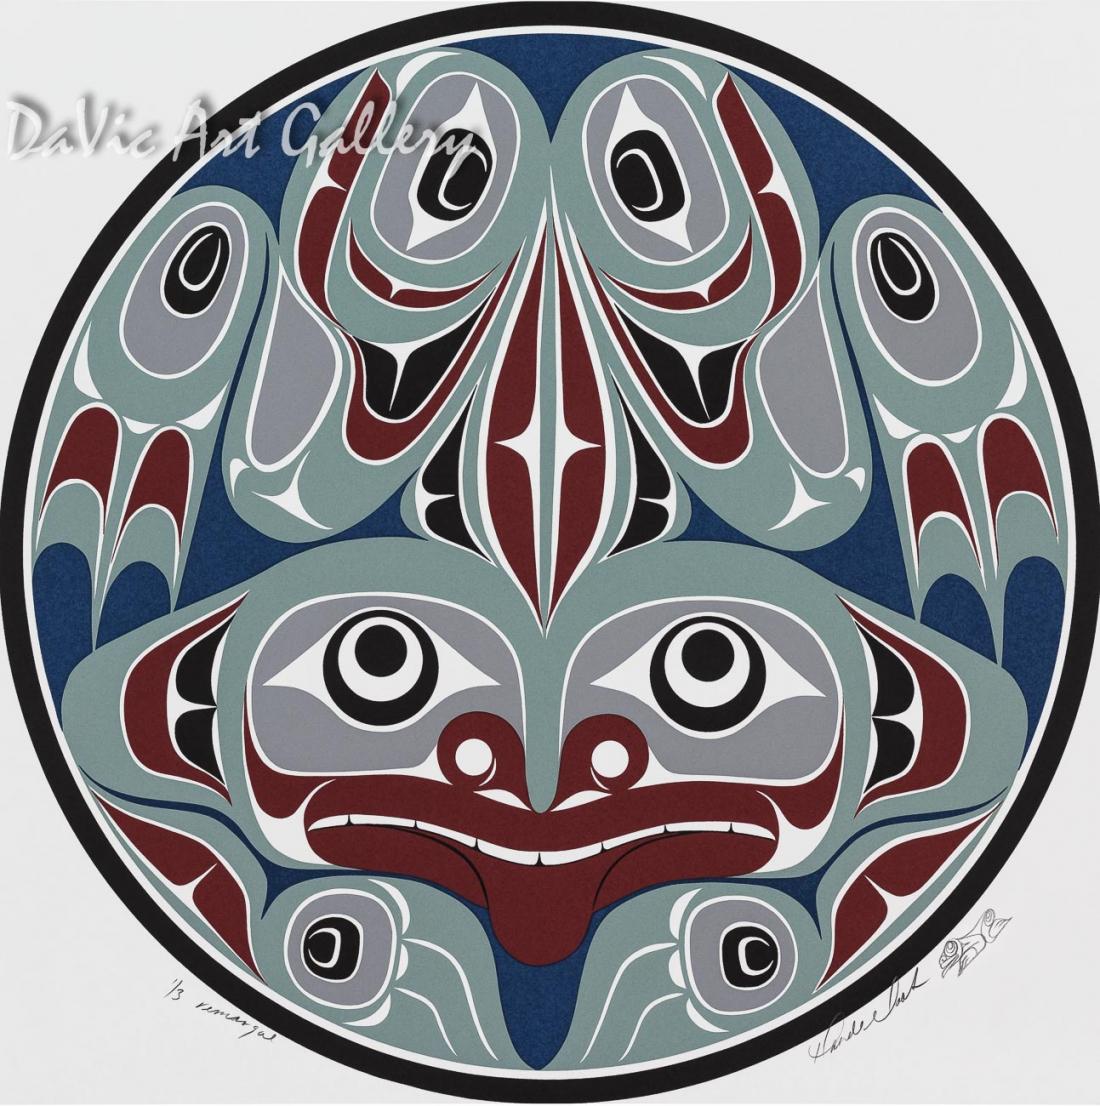 Frog by Rande Cook 2002 - Northwest Coast - Kwakwaka'wakw